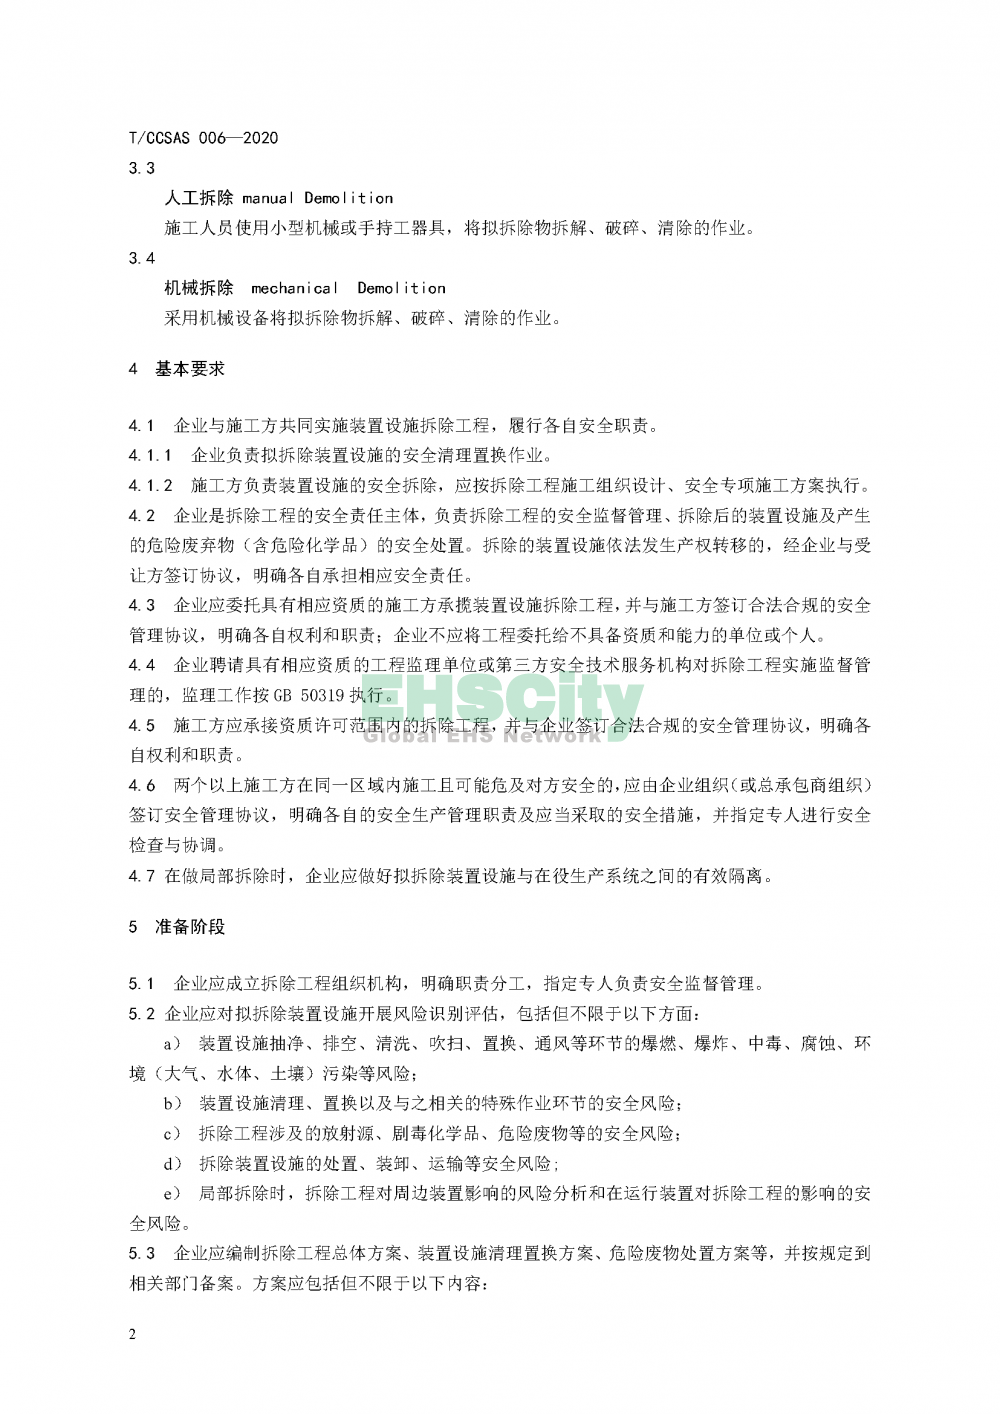 《化工企业装置设施拆除安全管理规范》_页面_08